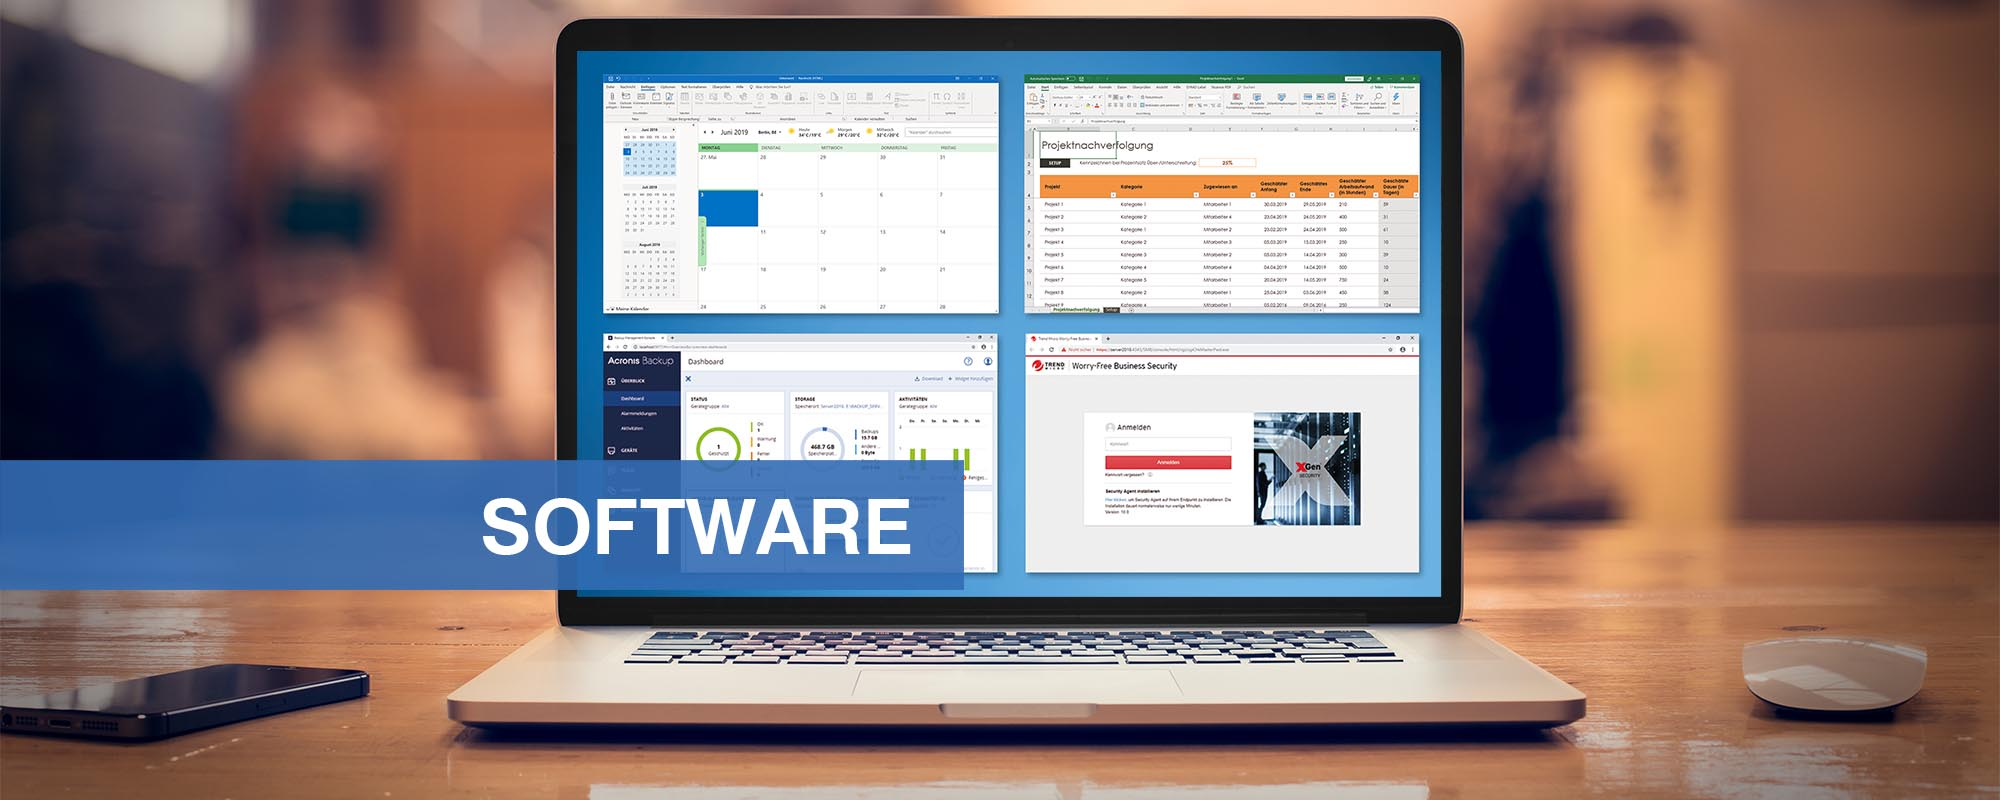 bagala-it-systemhaus-krefeld-duesseldorf-digital-signage-it-sicherheit-hardware-software-netzwerk-webdesign-home-software